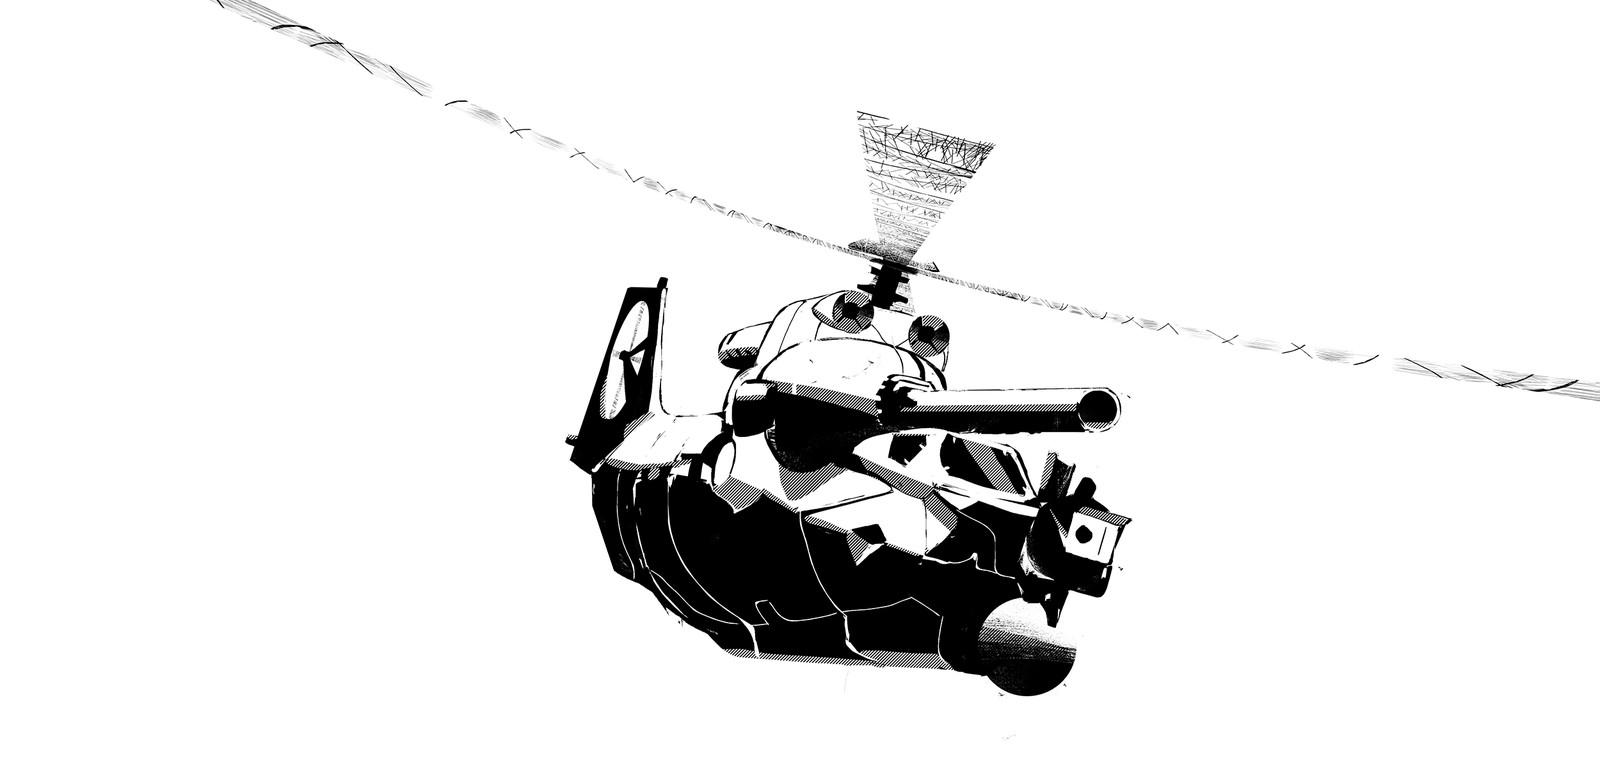 Helico-Tanks